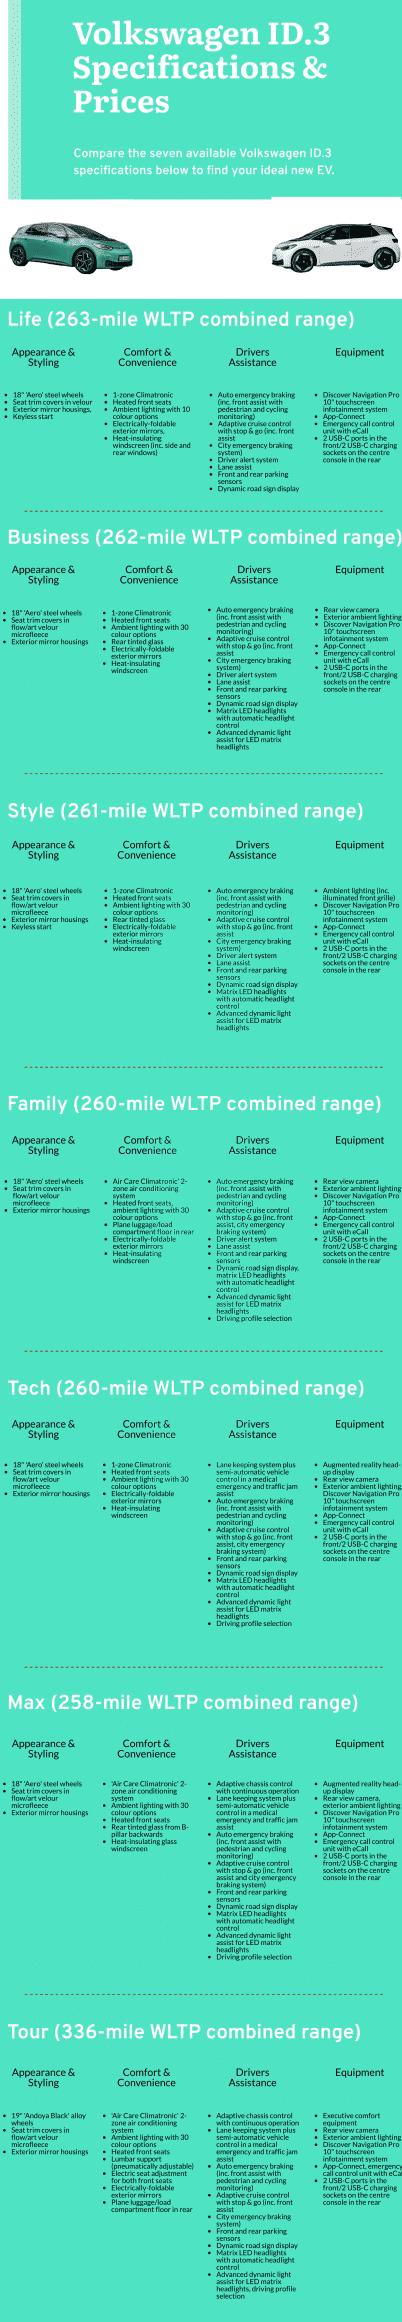 Volkswagen ID.3 trim comparison 2